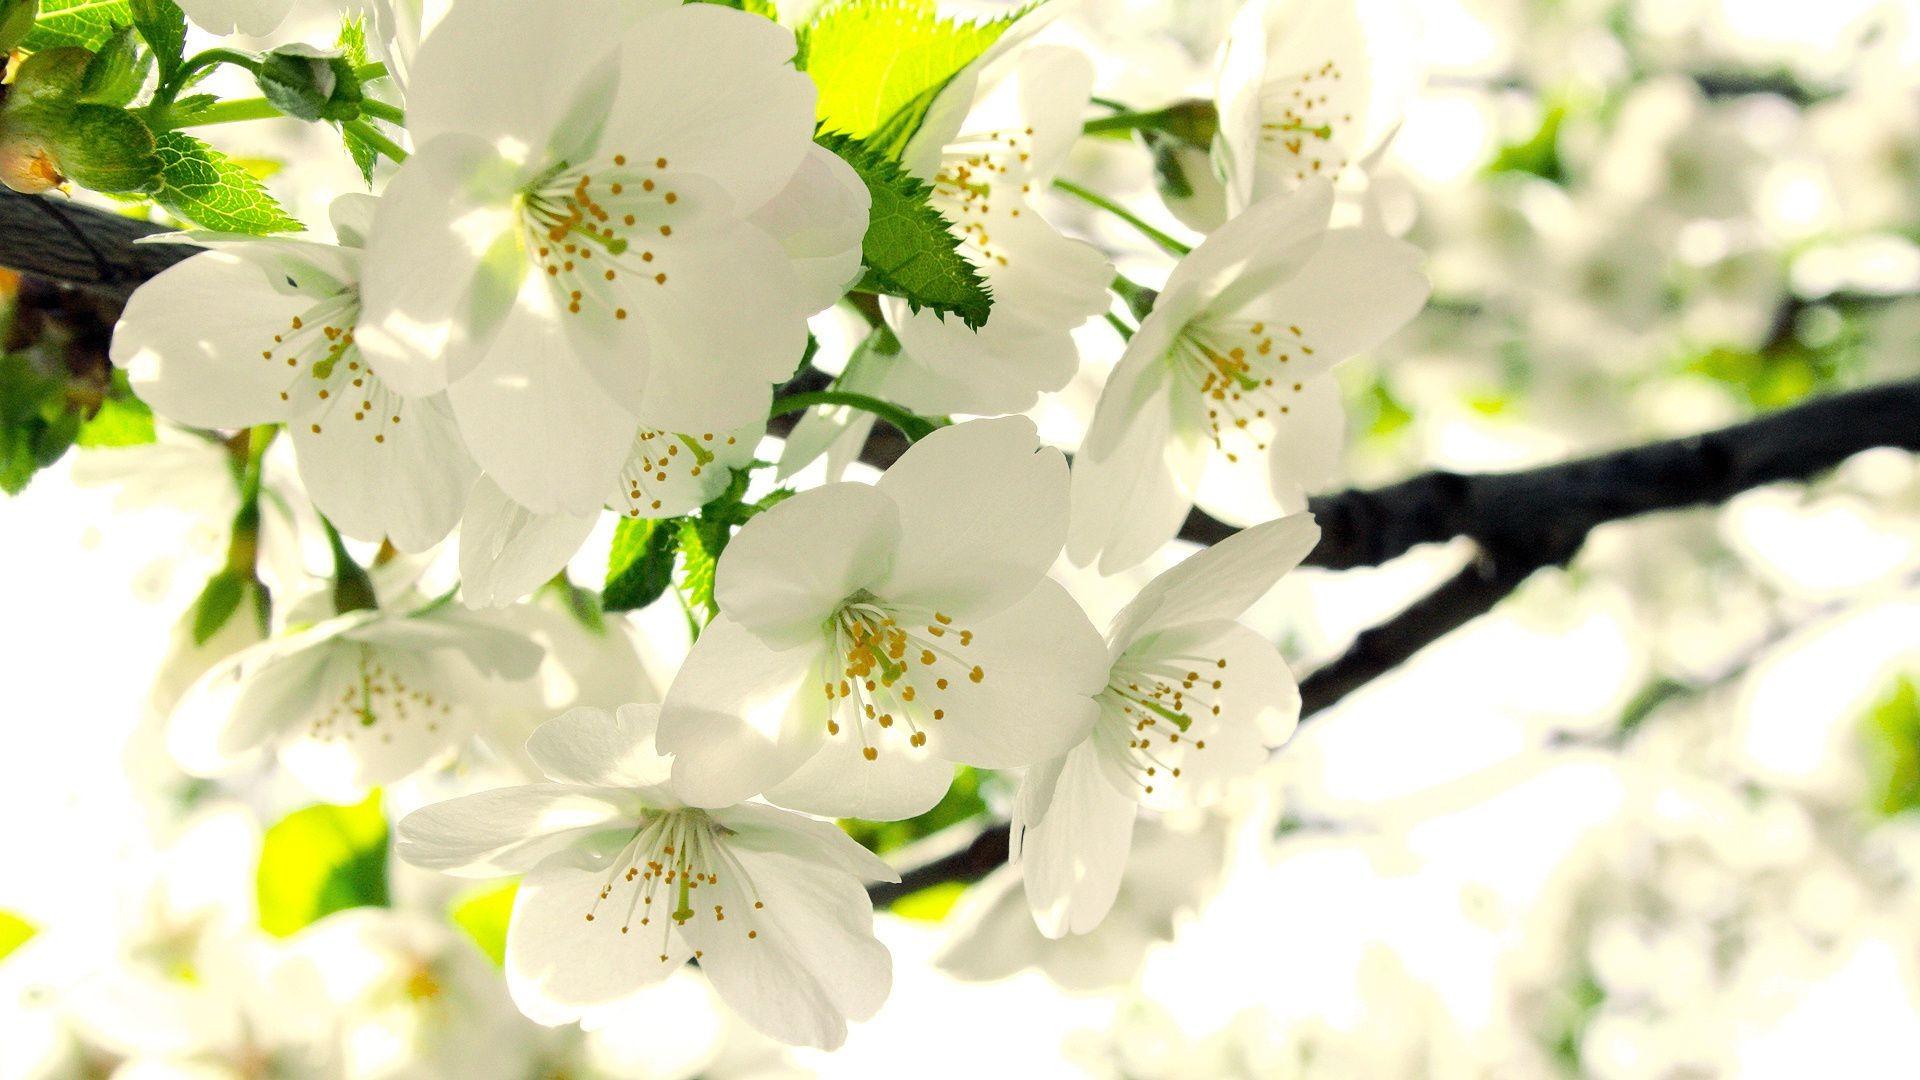 Весенние цветы картинки на рабочий стол на весь экран, милана добрым